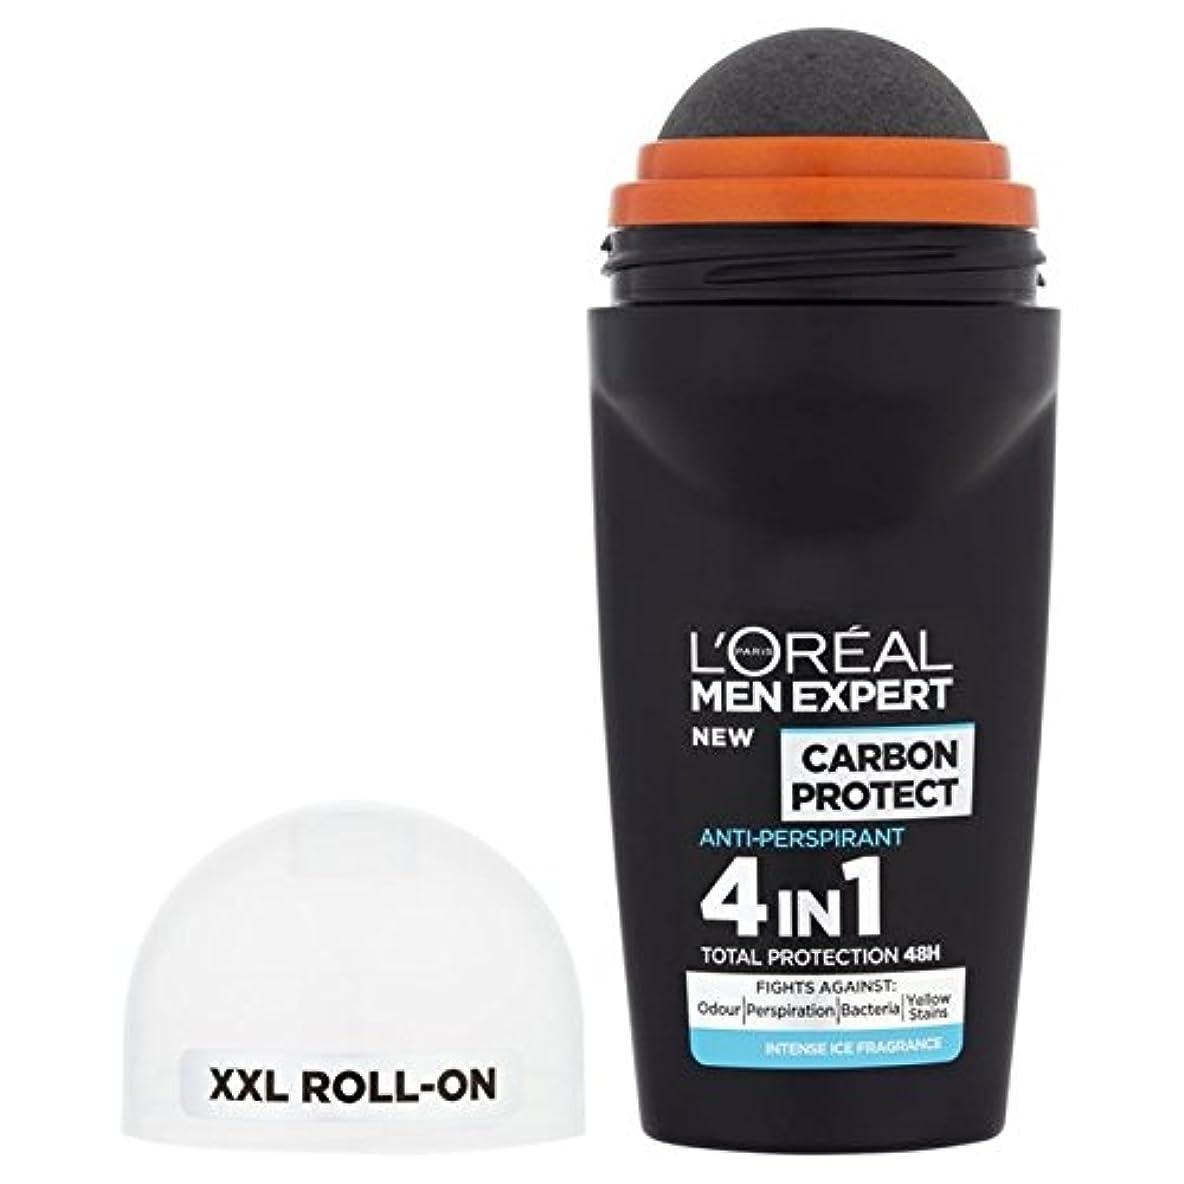 協力債務遺棄されたL'Oreal Men Expert Carbon Protect Ice Roll On Deodorant 50ml - ロレアルの男性の専門家の炭素は、消臭50ミリリットルの氷のロールを保護します [並行輸入品]